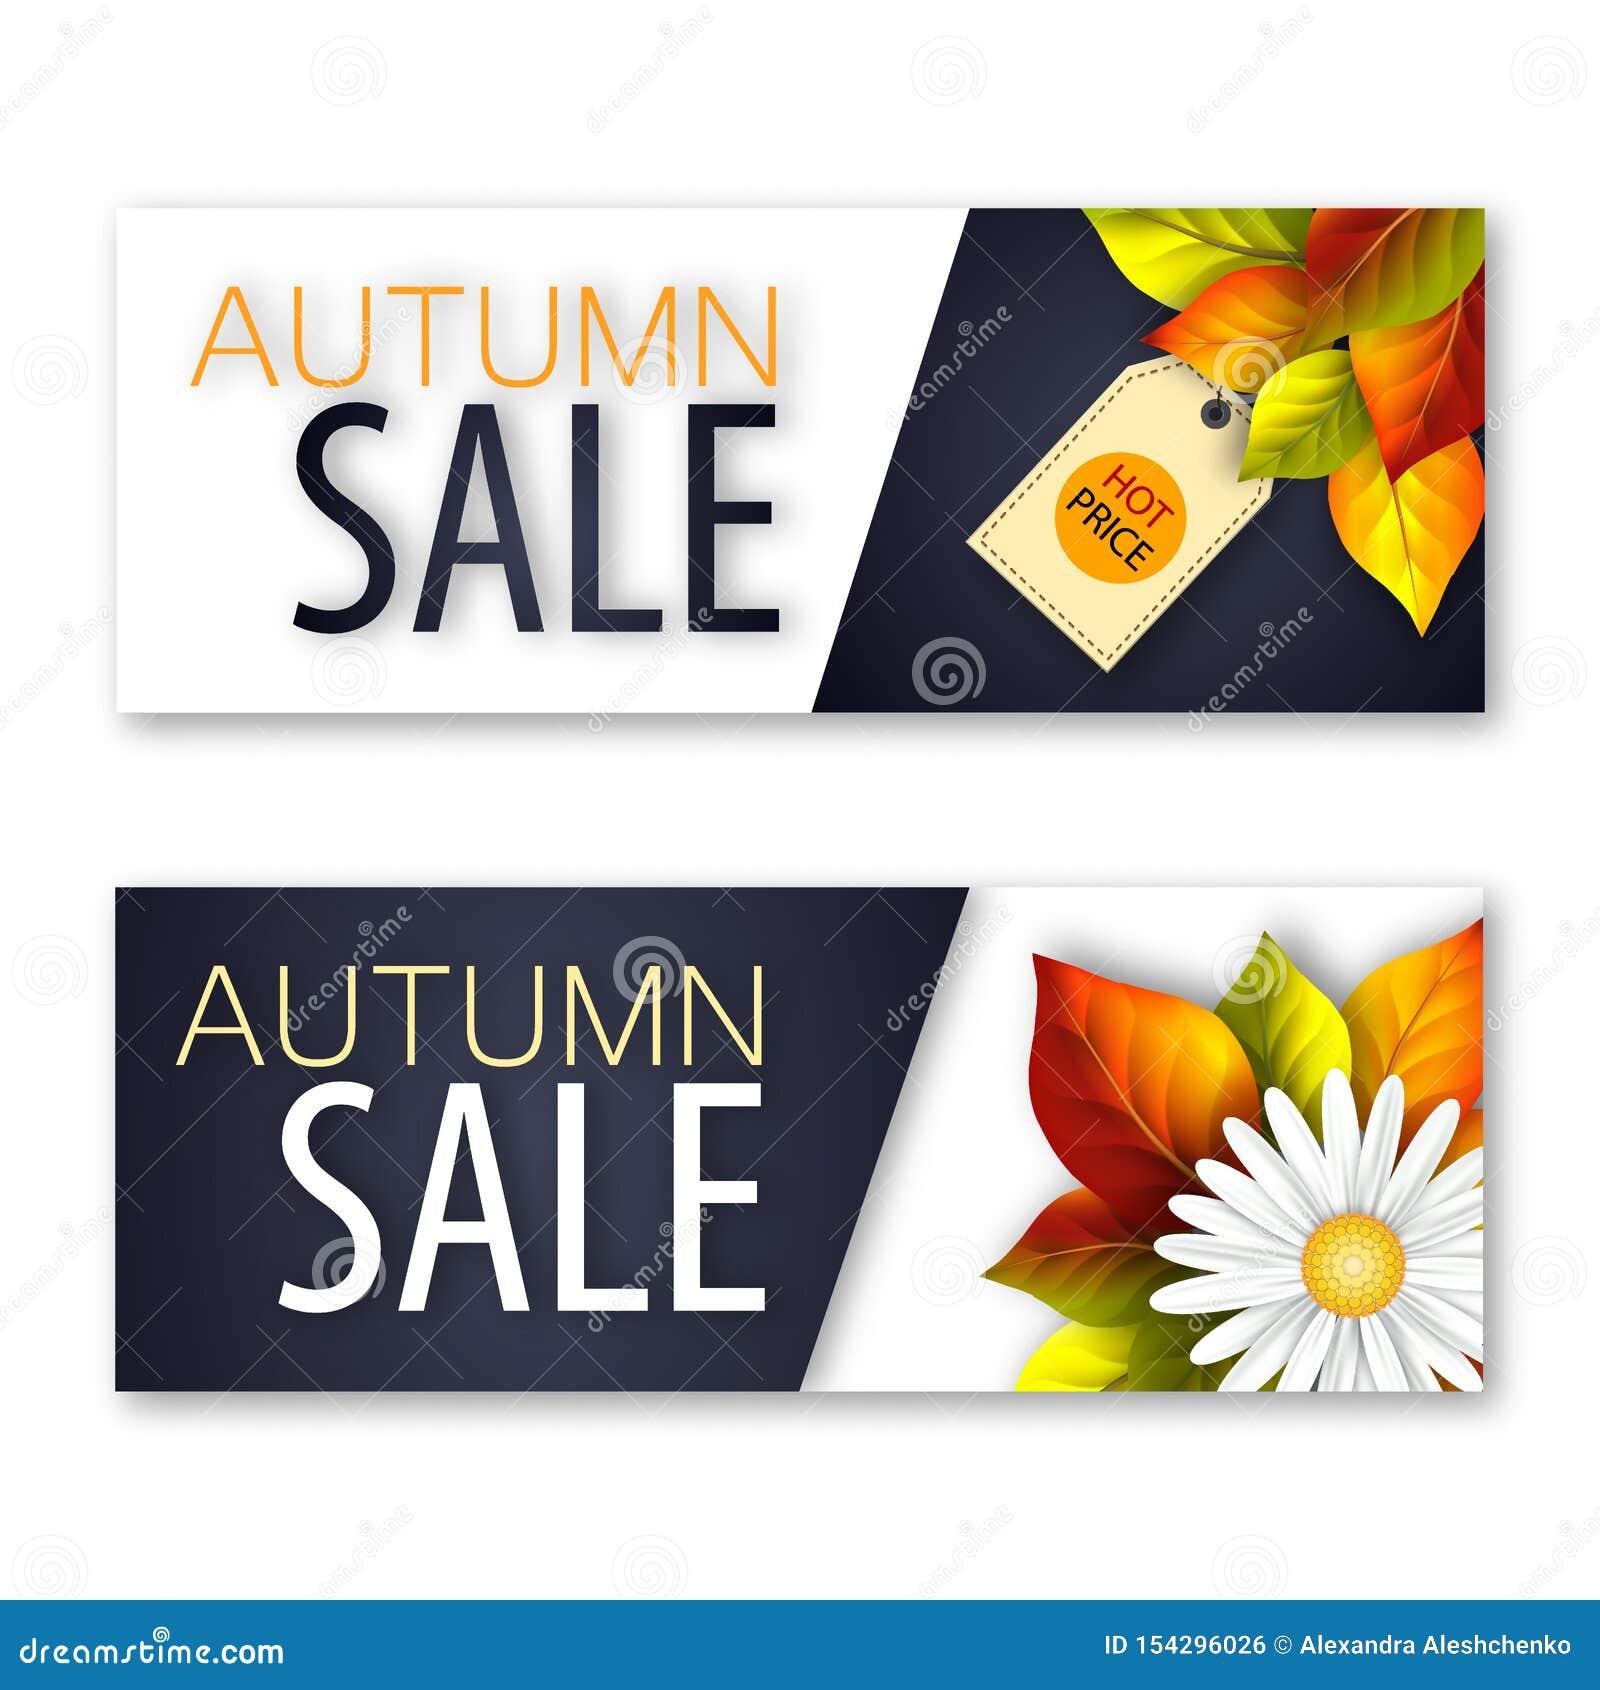 一套挂着真实鲜花和落叶的秋季销售横幅。一套挂着真实鲜花和落叶的秋季销售横幅。矢量图